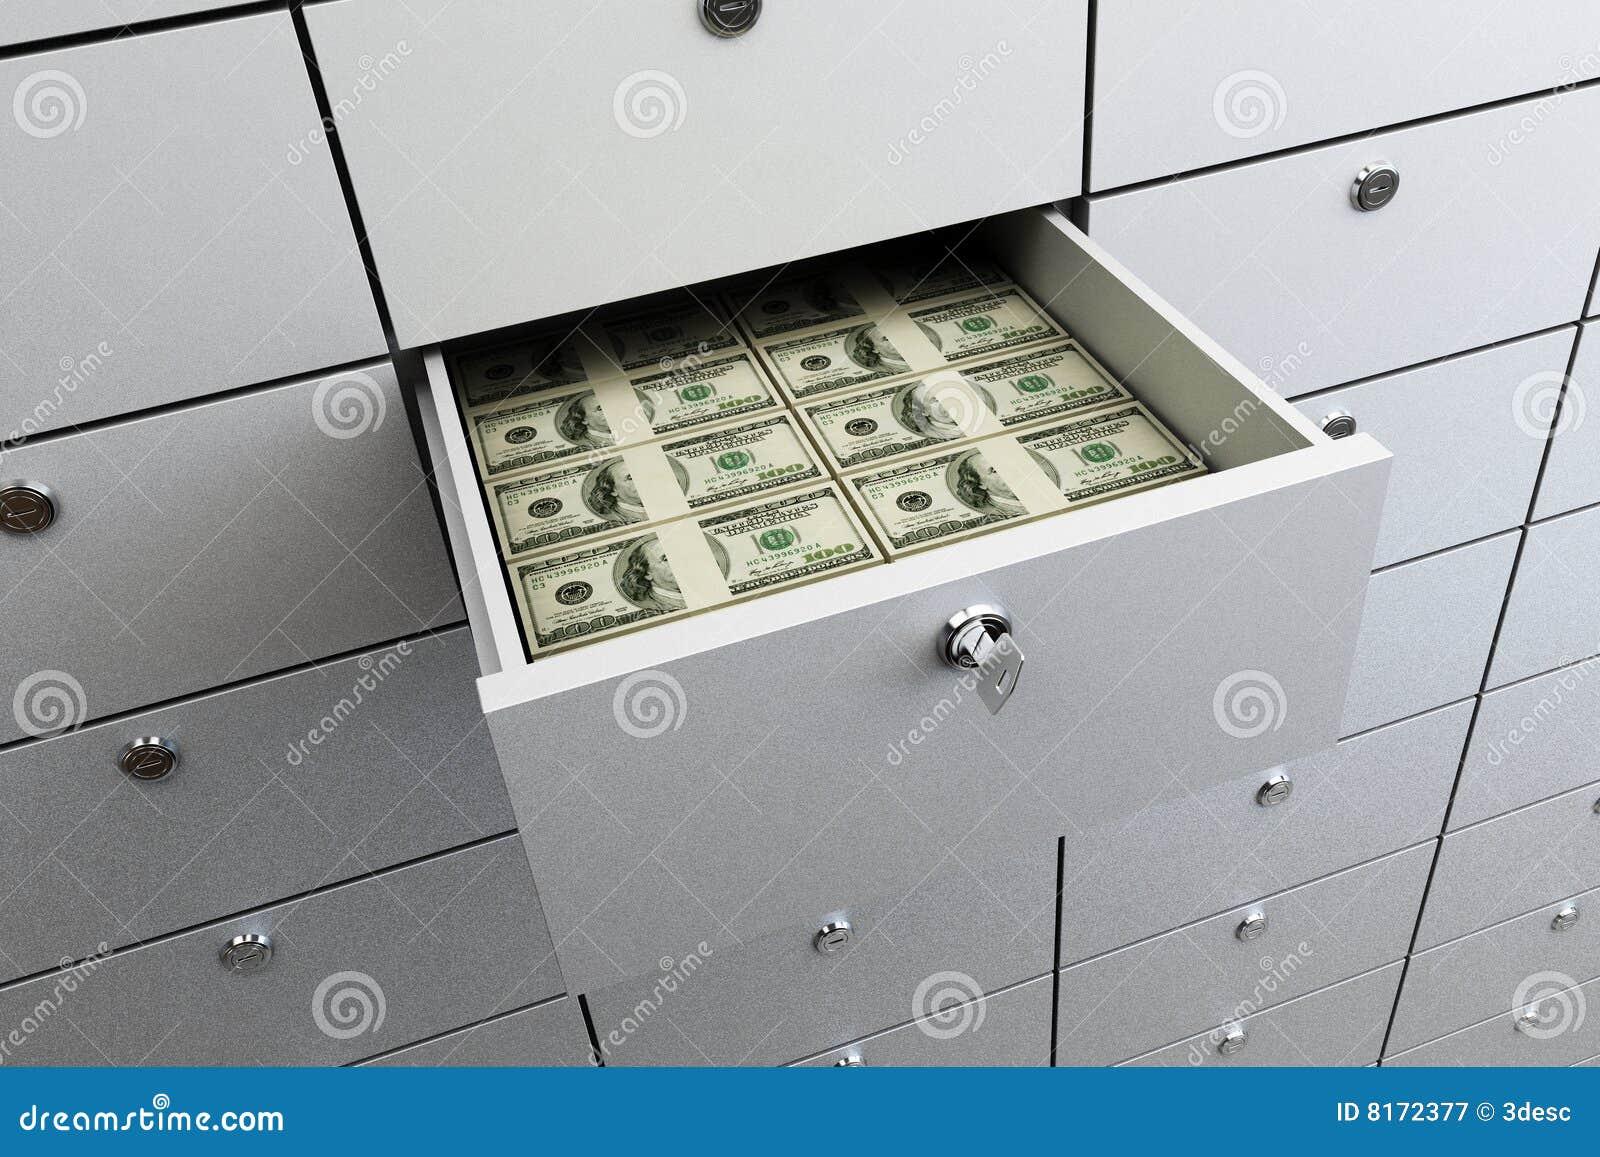 украдены деньги из ячейки газпромбанка форум функции